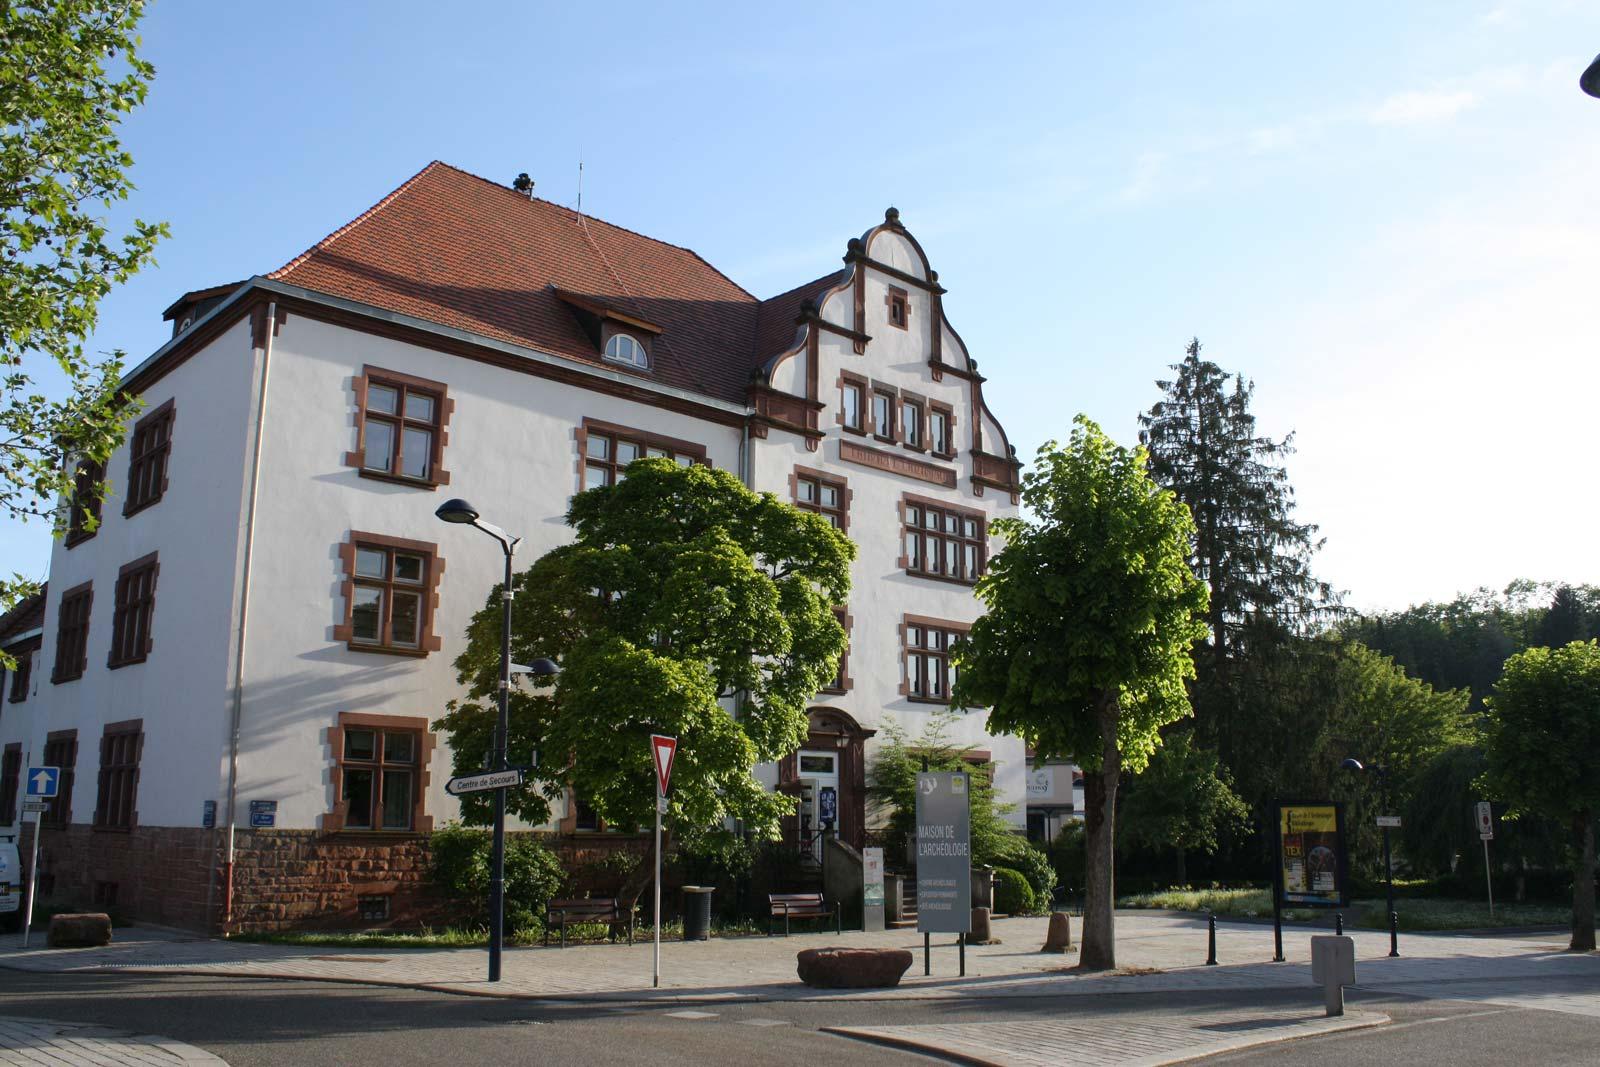 Maison de l'Archéologie, Niederbronn-les-Bains, Alsace